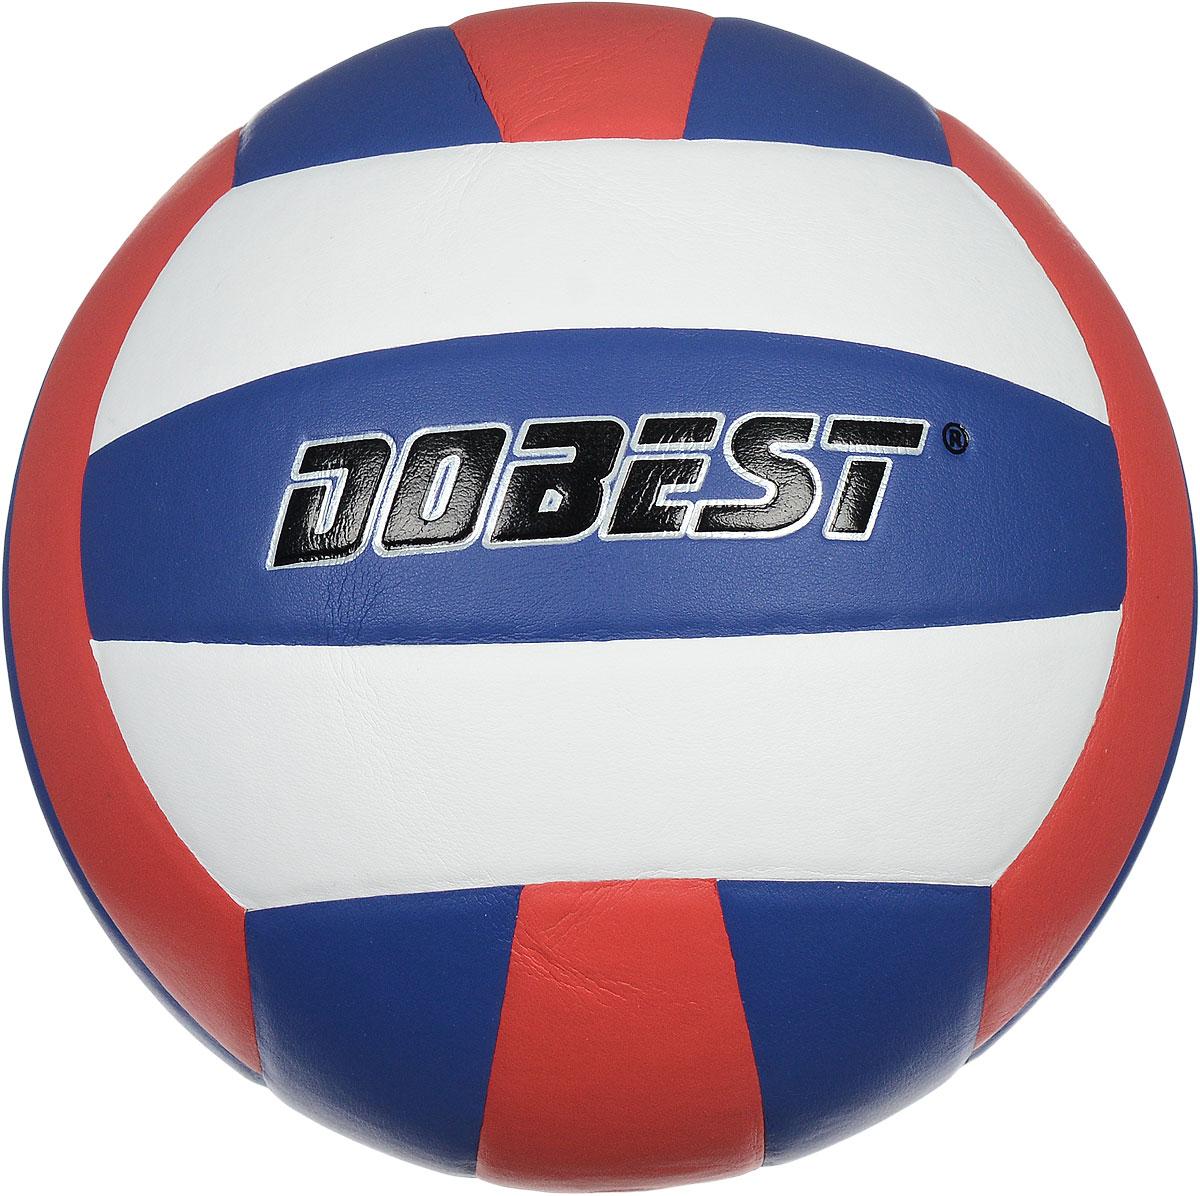 Мяч волейбольный Dobest, цвет: белый, синий, красный. Размер 5SU500Волейбольный мяч Dobest подойдет для любительской игры на улице и в зале. Изделие выполнено из прочной синтетической кожи, камера - резина. Панели клееные. Количество панелей: 18. Количество слоев: 4. Вес: 260-280 г. УВАЖЕМЫЕ КЛИЕНТЫ! Обращаем ваше внимание на тот факт, что мяч поставляется в сдутом виде. Насос не входит в комплект.